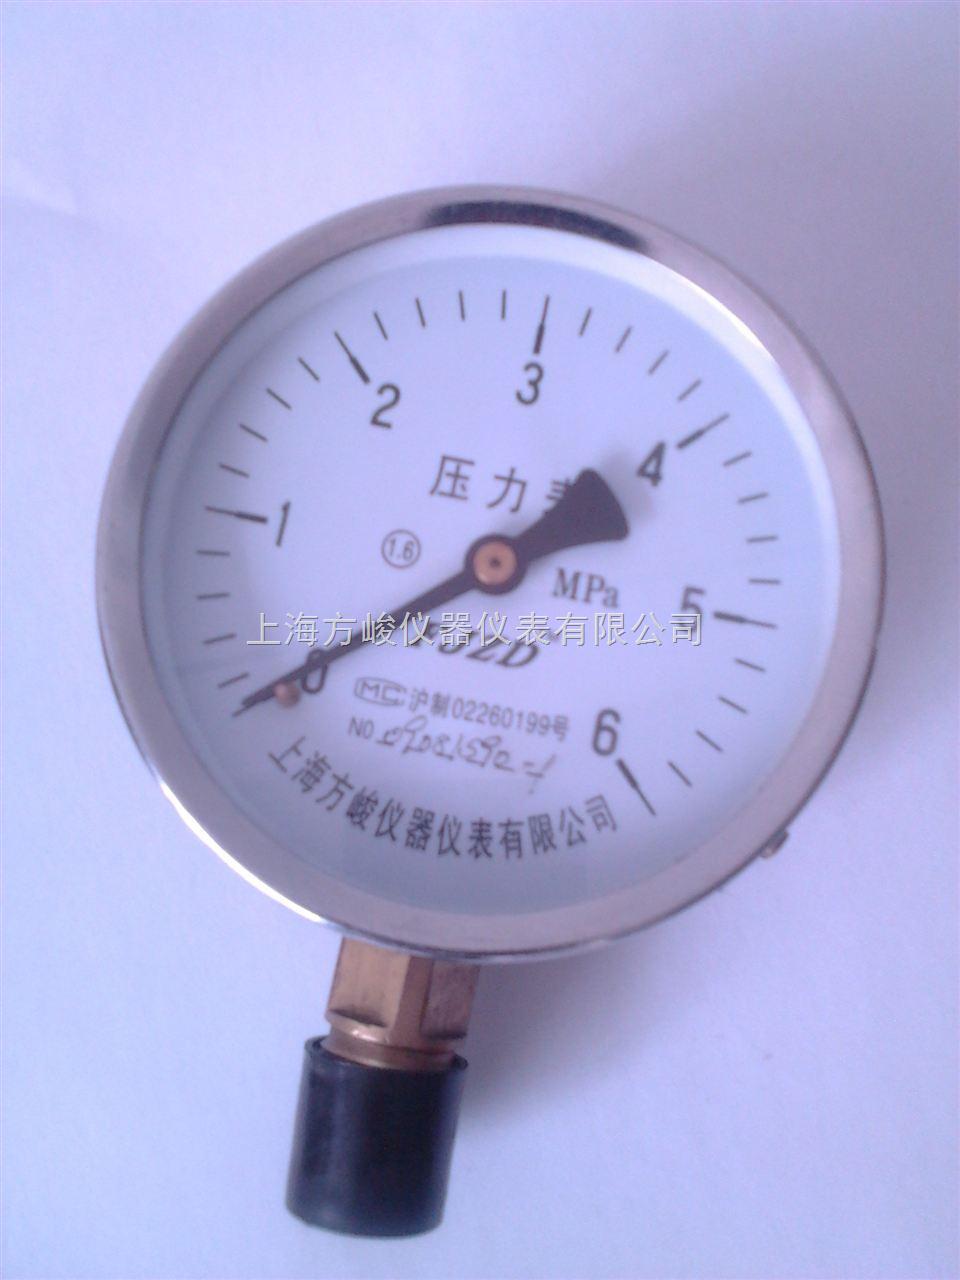 耐温压力表